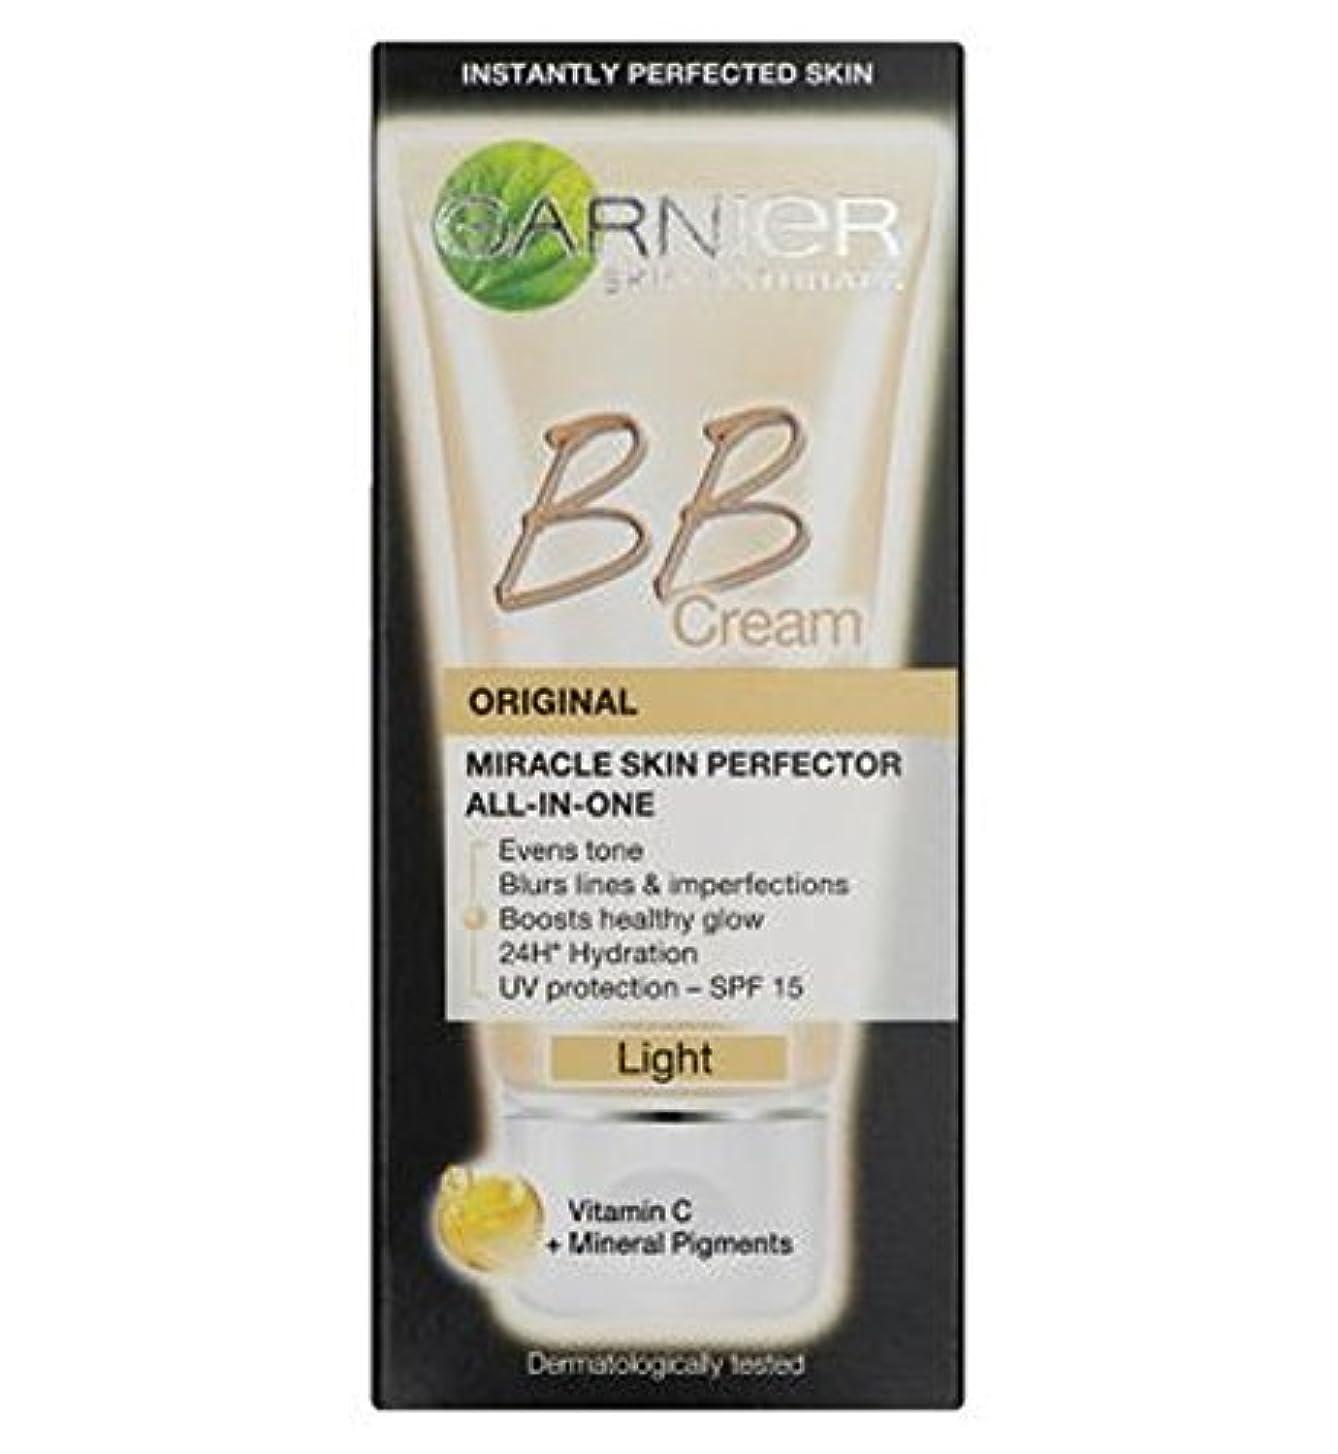 直立芸術格納Garnier Skin Perfector Daily All-In-One B.B. Blemish Balm Cream Light 50ml - 毎日オールインワンB.B.ガルニエスキンパーフェク傷バームクリームライト...